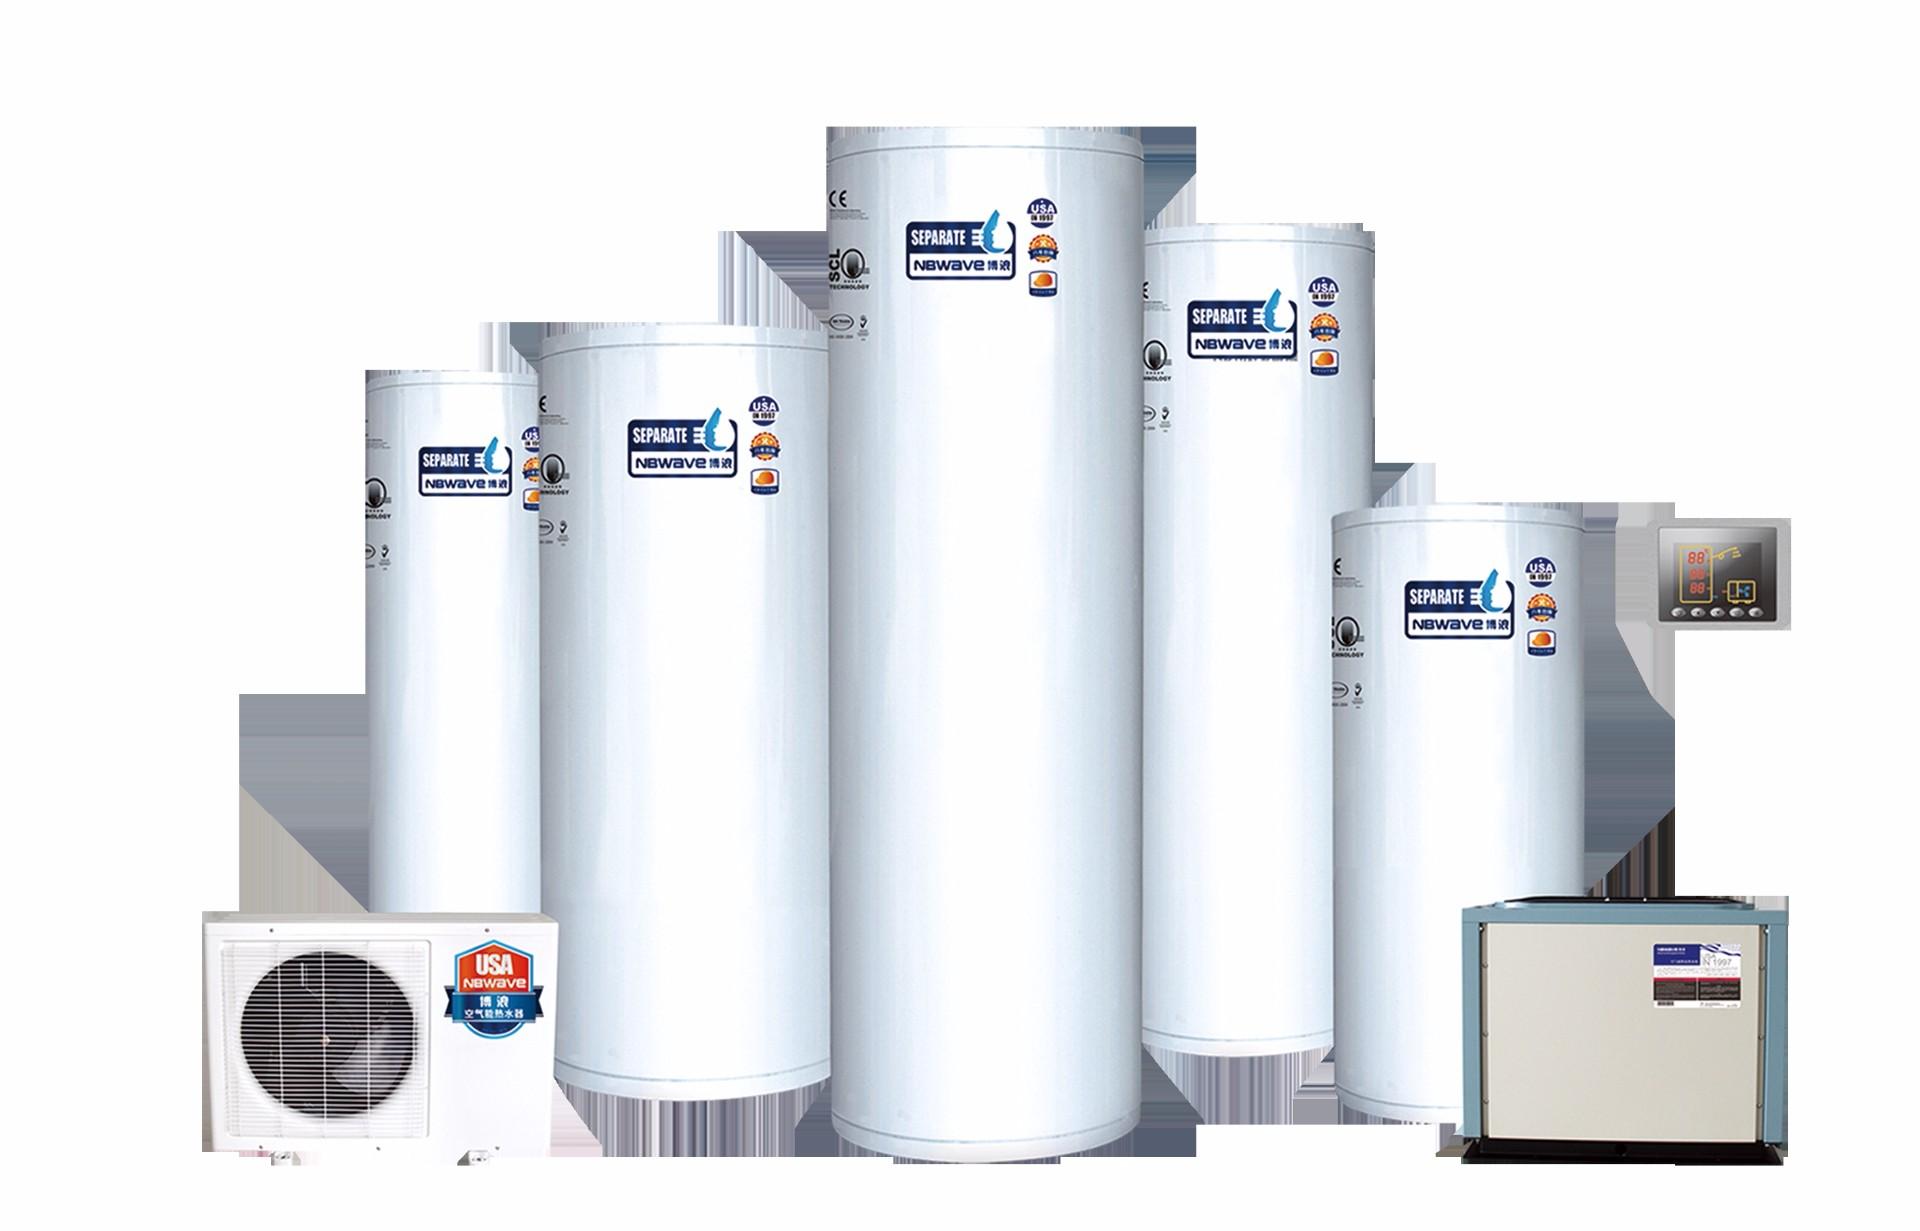 必博bbo官方网站空气源热泵热水器